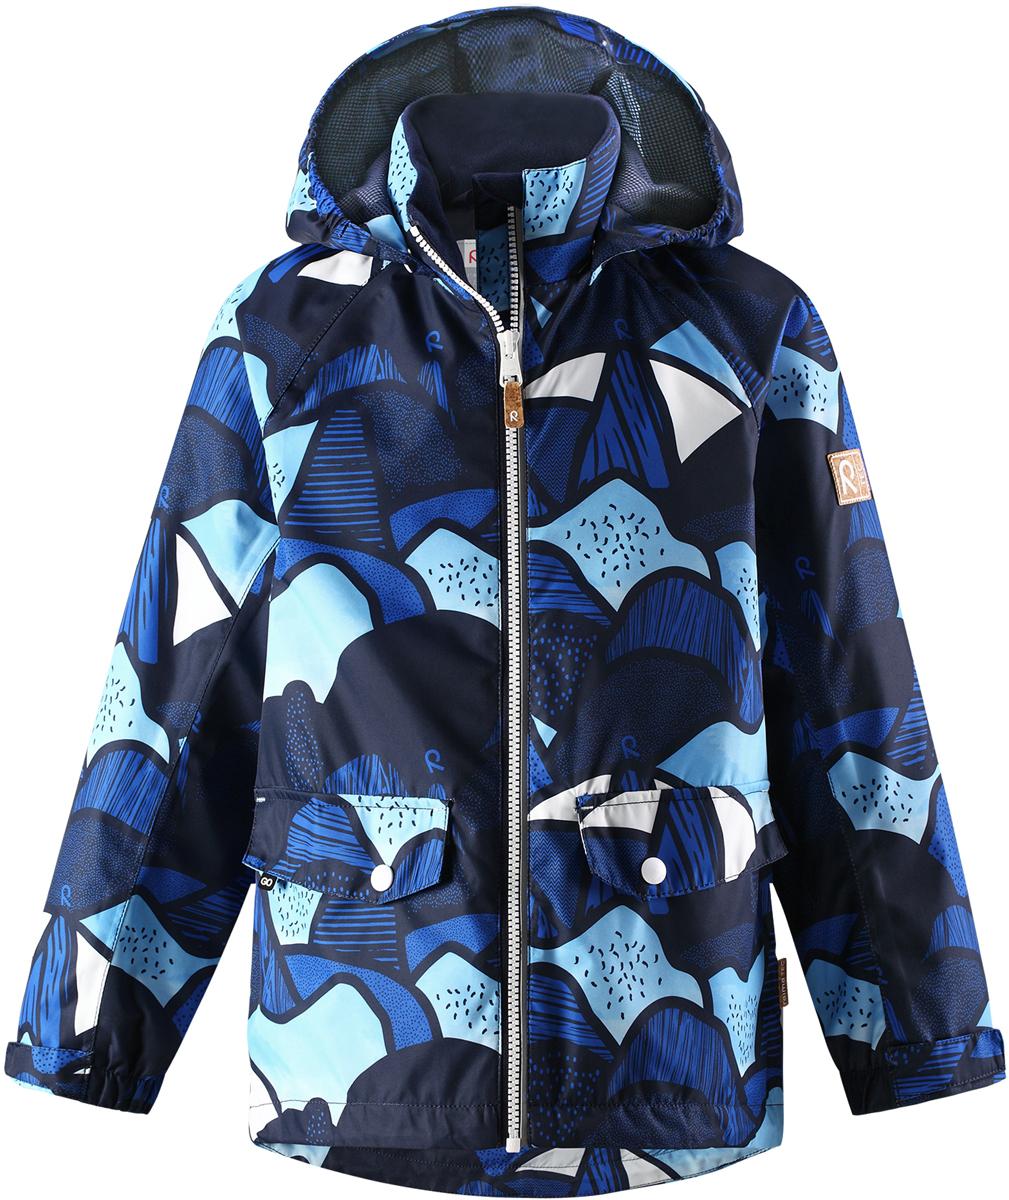 Куртка для мальчика Reima, цвет: темно-синий. 5215376982. Размер 1285215376982Куртка для мальчика от Reima выполнена из полиэстера с полиуретановым покрытием. Модель с воротником стойкой и съемным капюшоном застегивается на застежку-молнию. Капюшон пристегивается с помощью кнопок. Спереди расположены прорезные карманы с клапанами. Низ рукавов дополнен хлястиками на липучках.